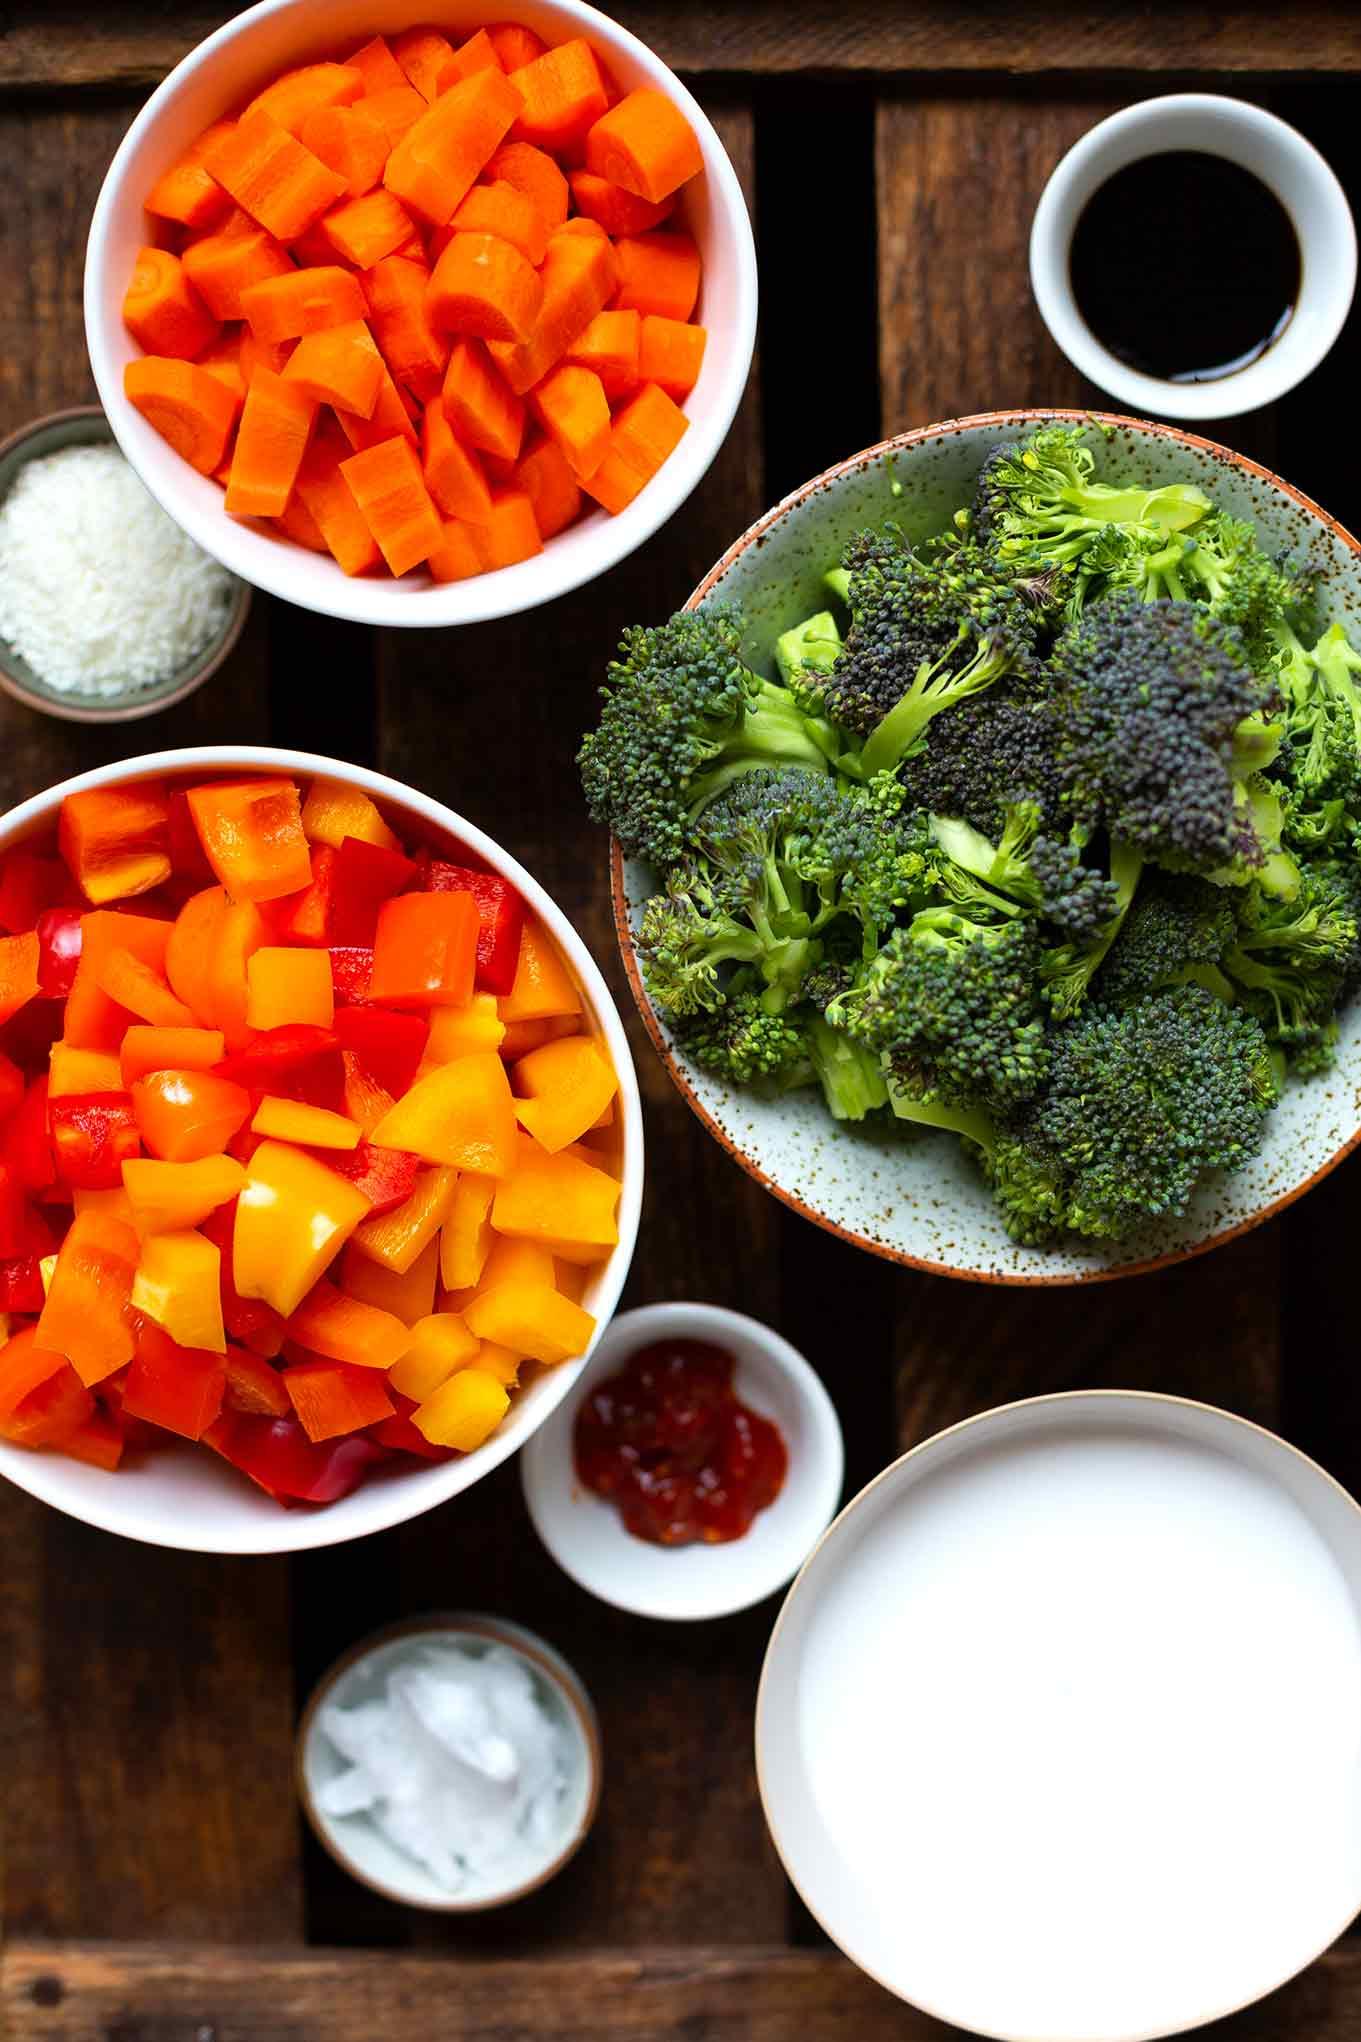 Asiatische Gemüsepfanne mit Kokos: Die Gemüsepfanne ist vegan, schnell zubereitet und einfach super lecker. Ein gesundes Rezept für ein entspanntes Mittagessen oder einen extra schnellen Feierabend. Kochkarussell - dein Foodblog für gesundes Soulfood und schnelle Feierabend Rezepte.